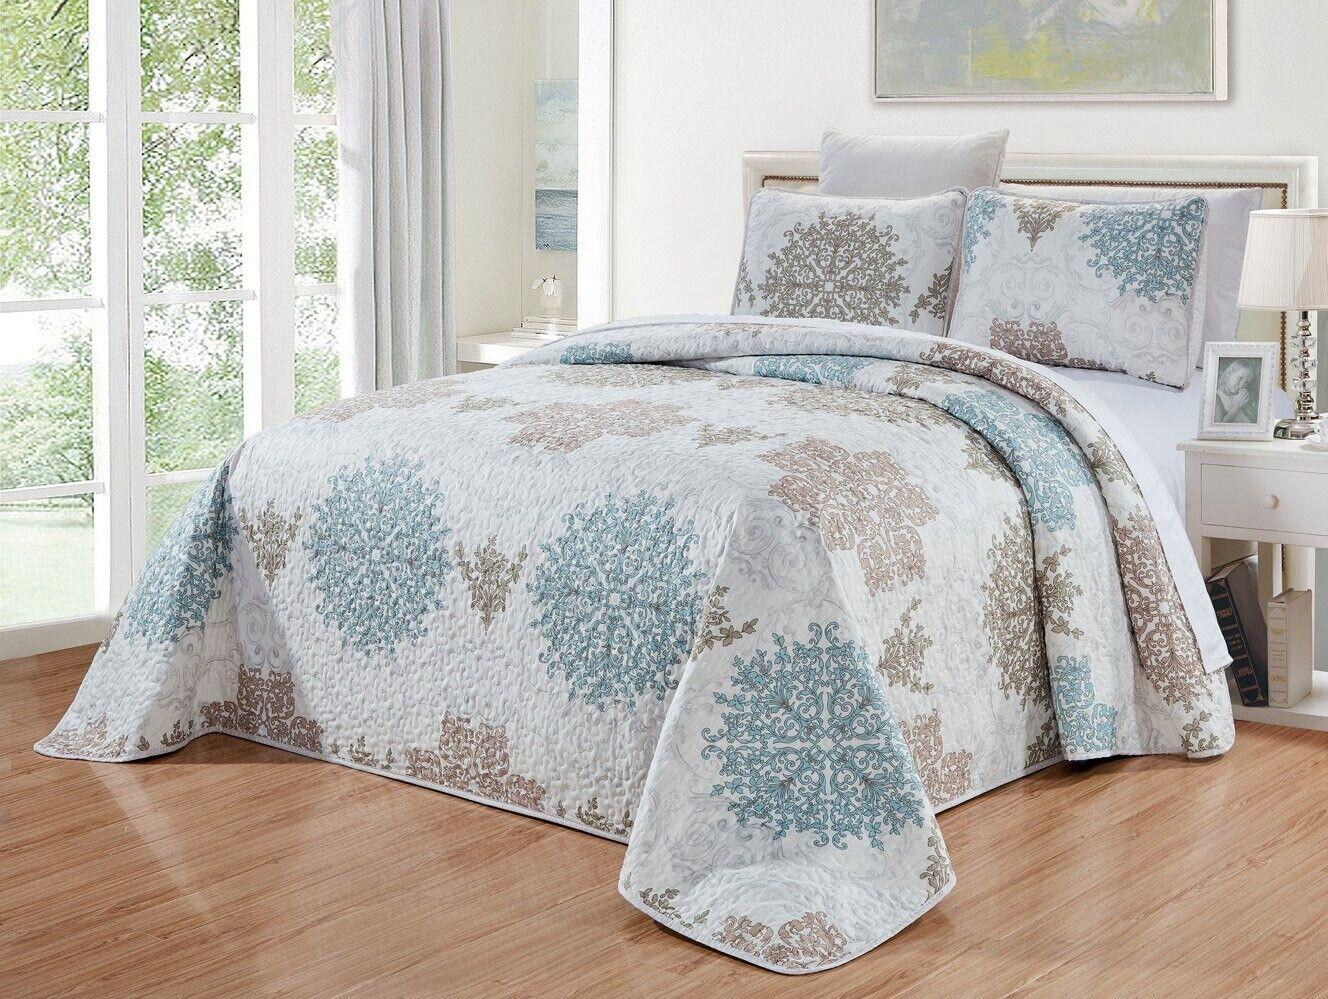 Blau, Weiß, grau Scroll Quilt Reversible CAL King Größe Coverlet Set Bedspread